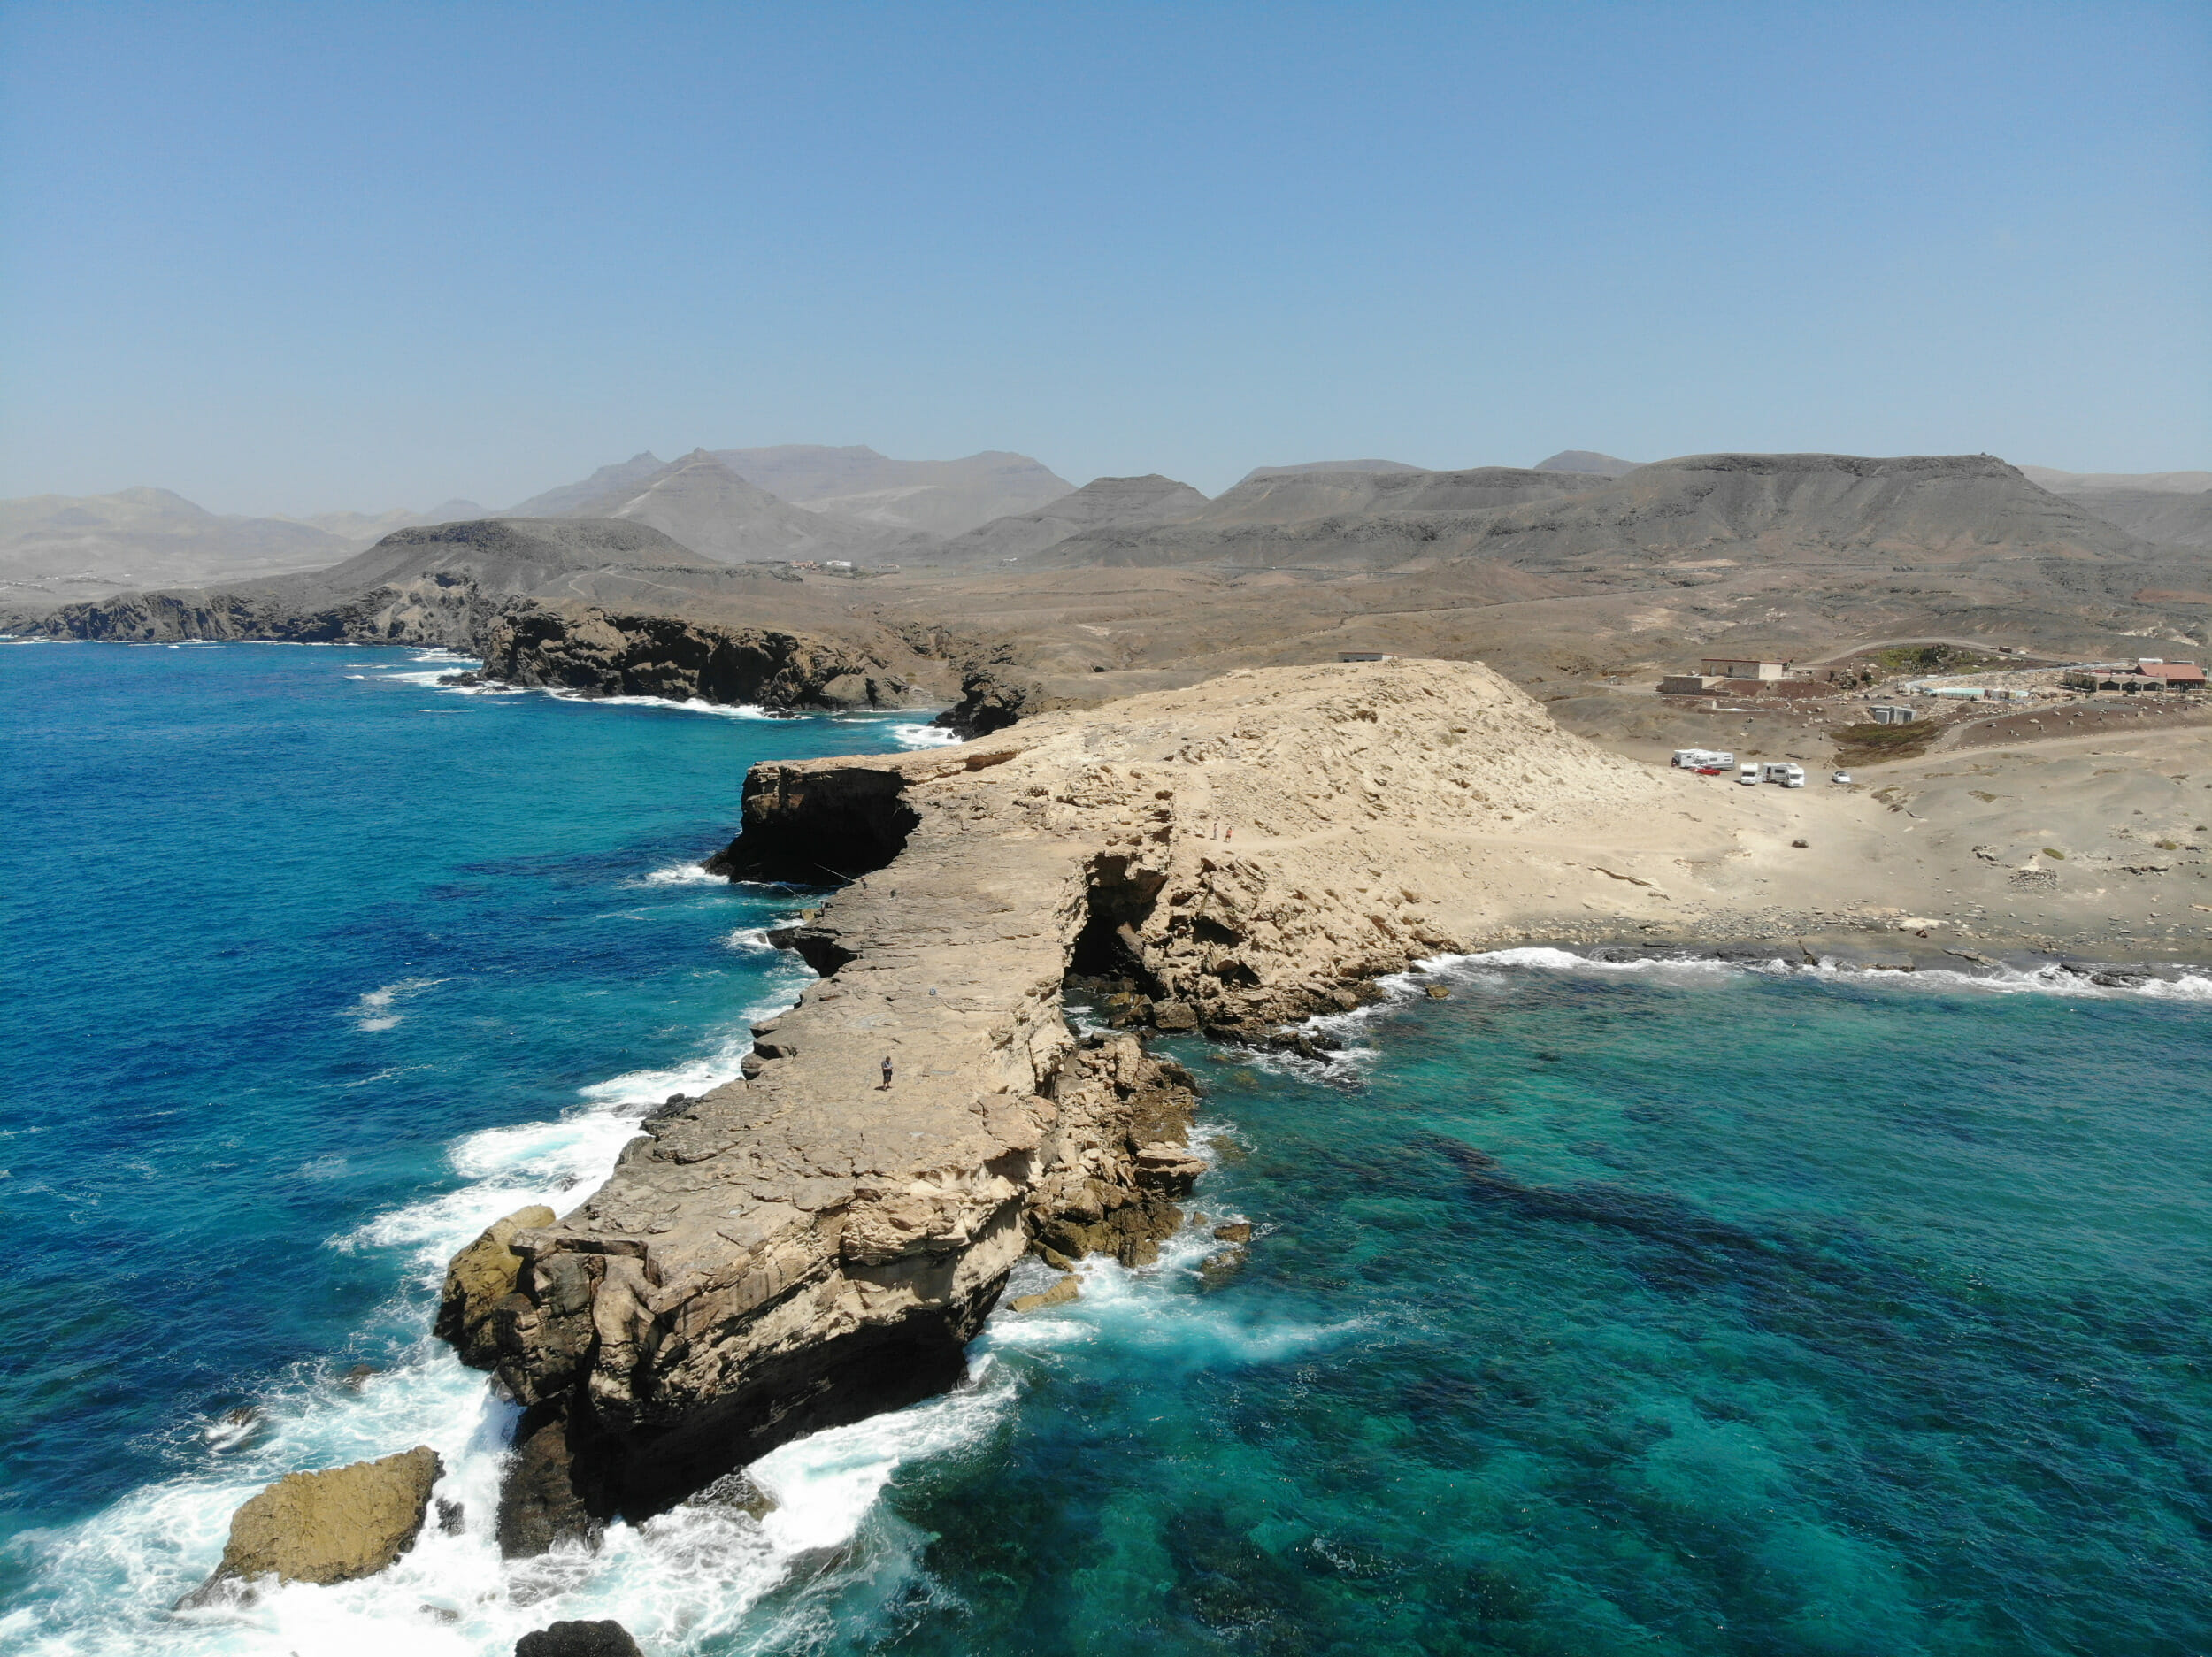 La Pared, Fuerteventura